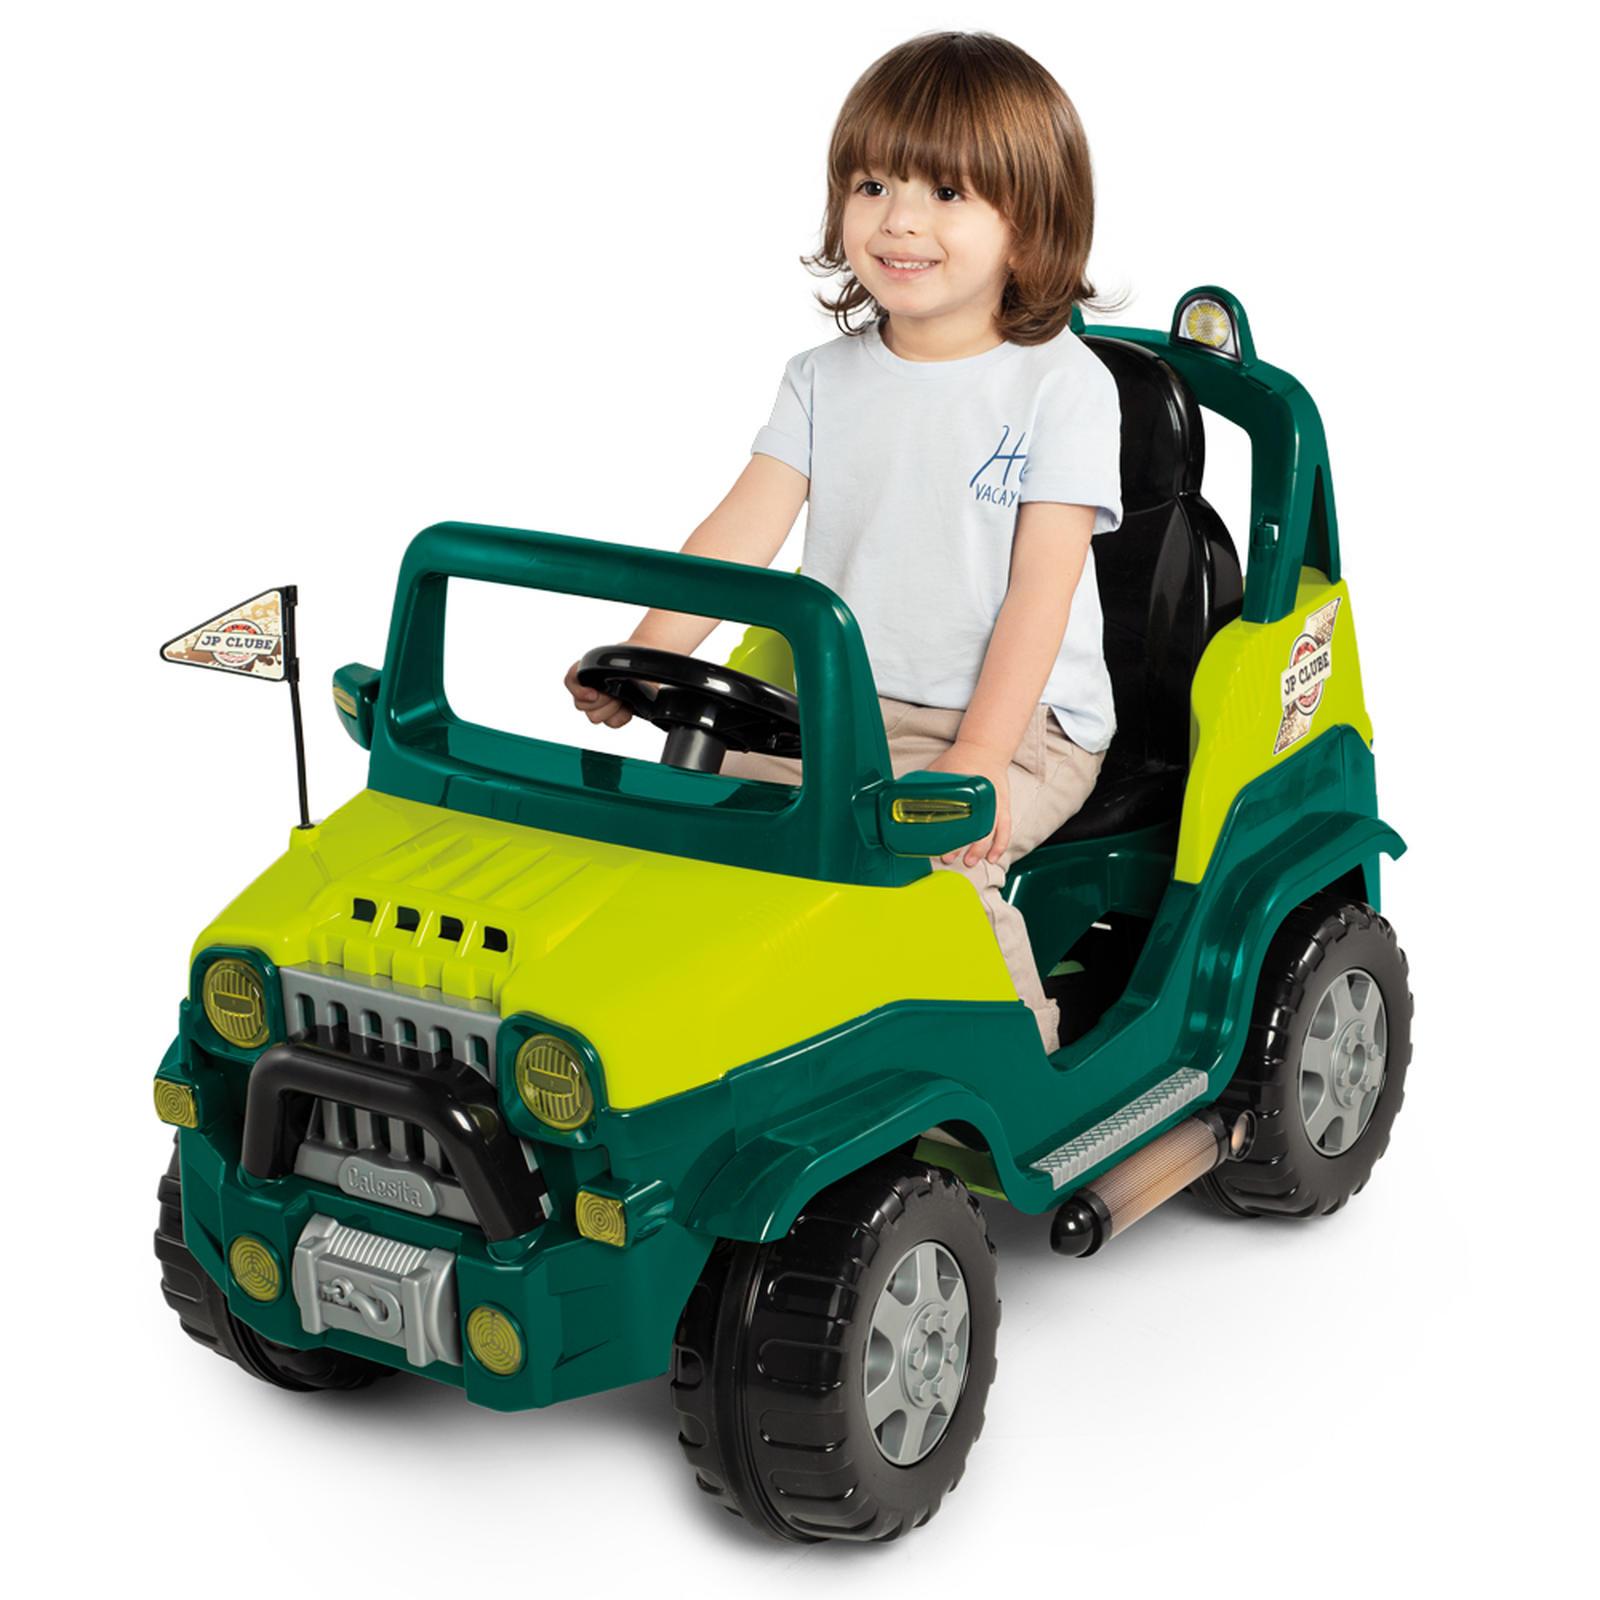 Carrinho De Passeio/pedal Infantil Diipi Verde/Rosa - Calesita